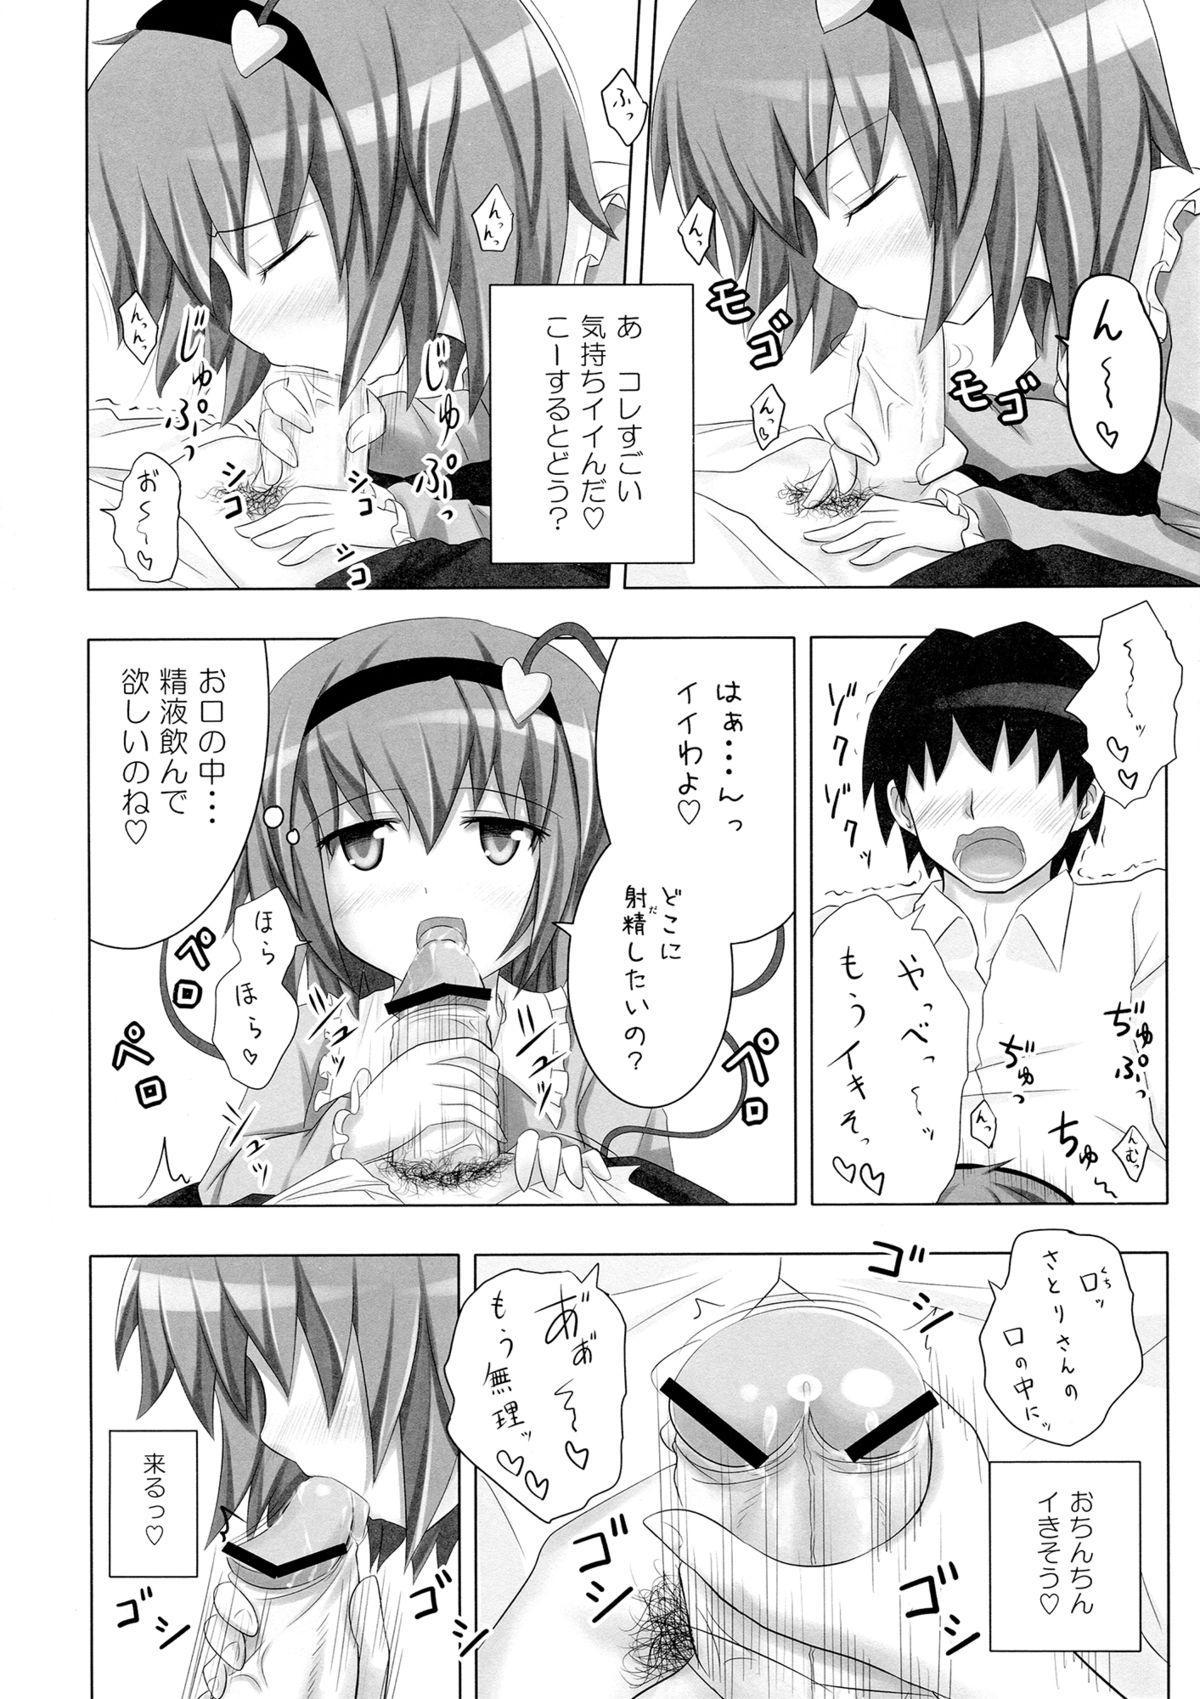 Satorin no Seikan Massage 7